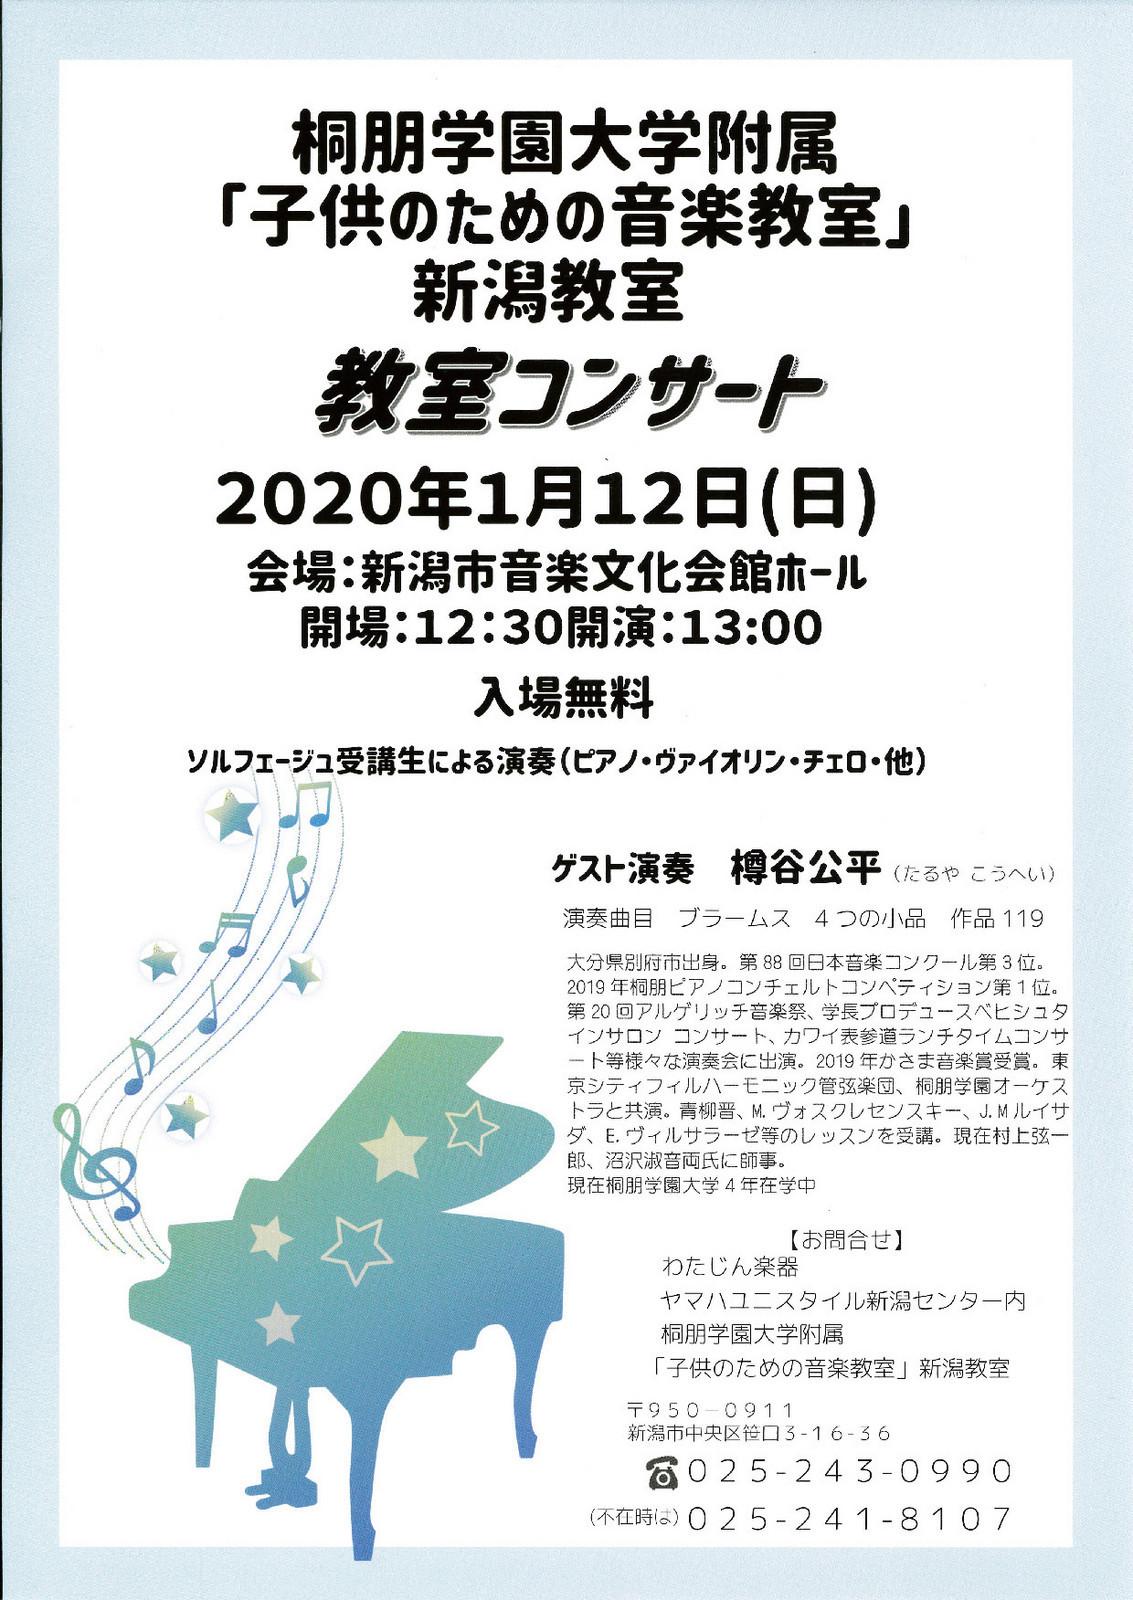 明日は岩渕仁美さん。若い皆さん頑張っています!_e0046190_18384155.jpg